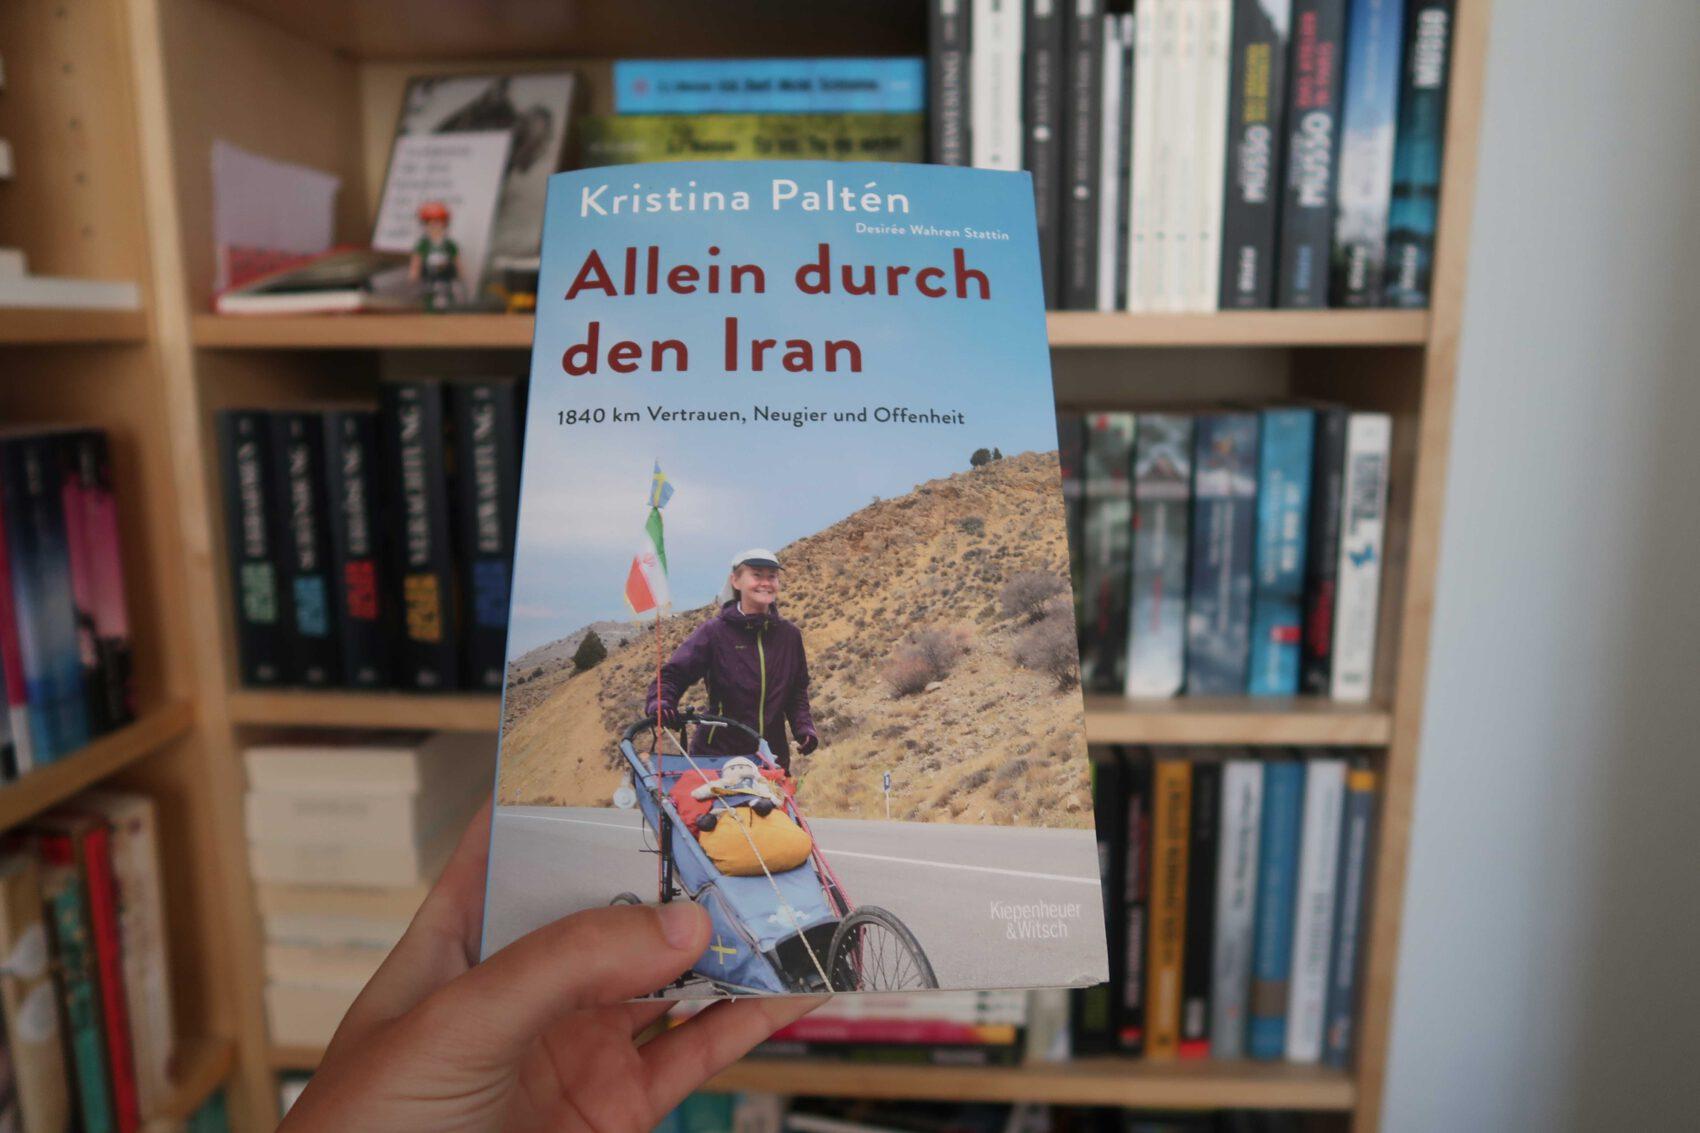 Rezension: Allein durch den Iran. Ein Buch über eine Läuferin, die alleine den Iran durchquert.